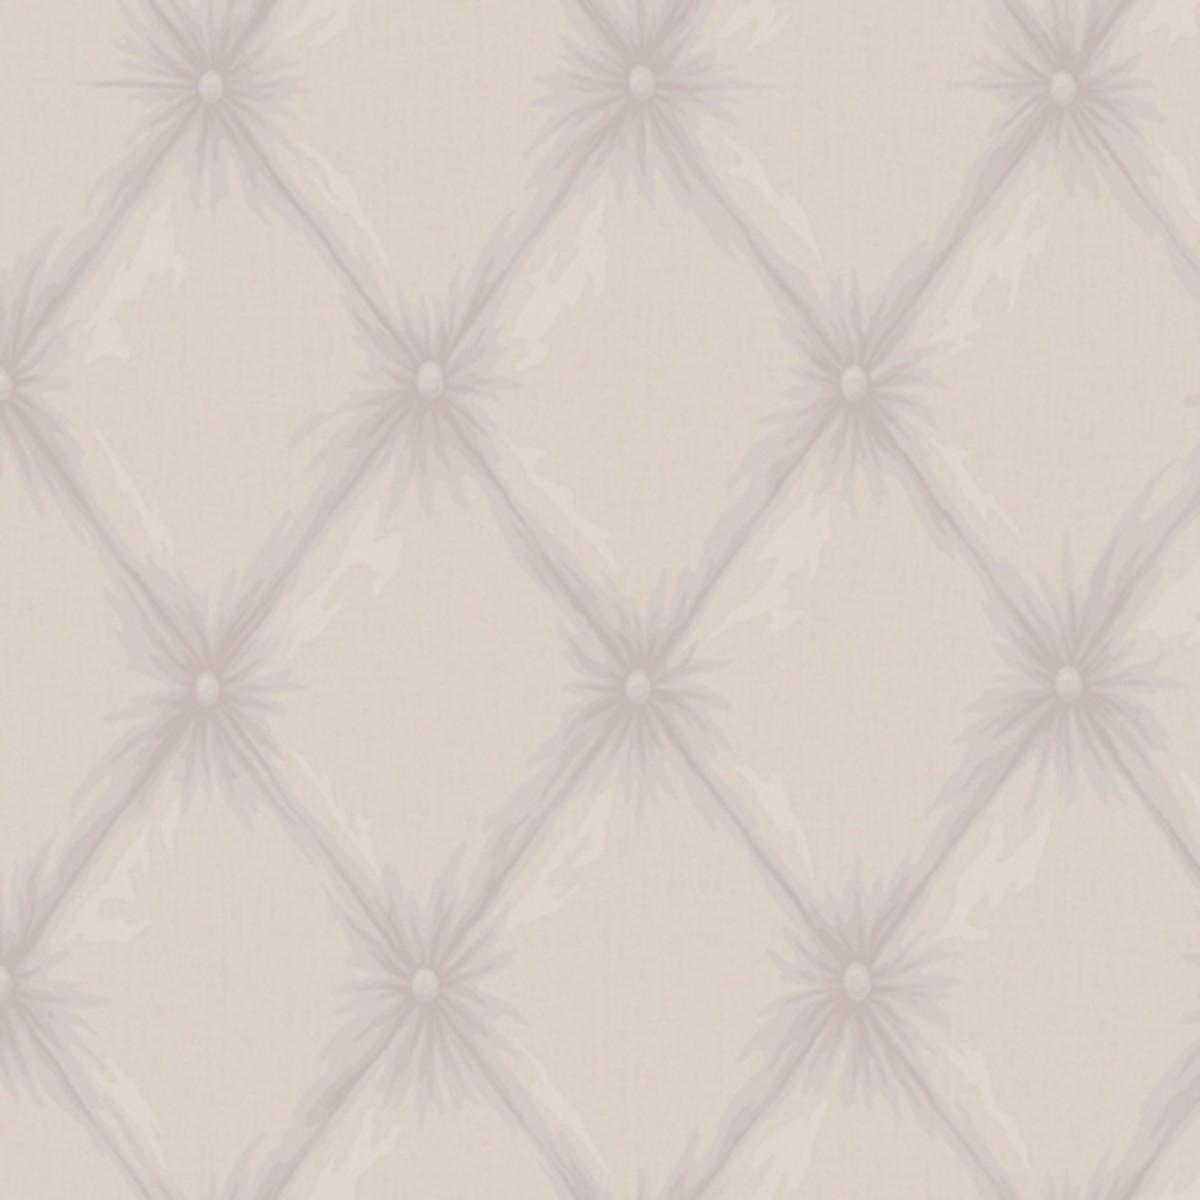 Виниловые обои York Wallcoverings фиолетовые EK4192 0.68 м